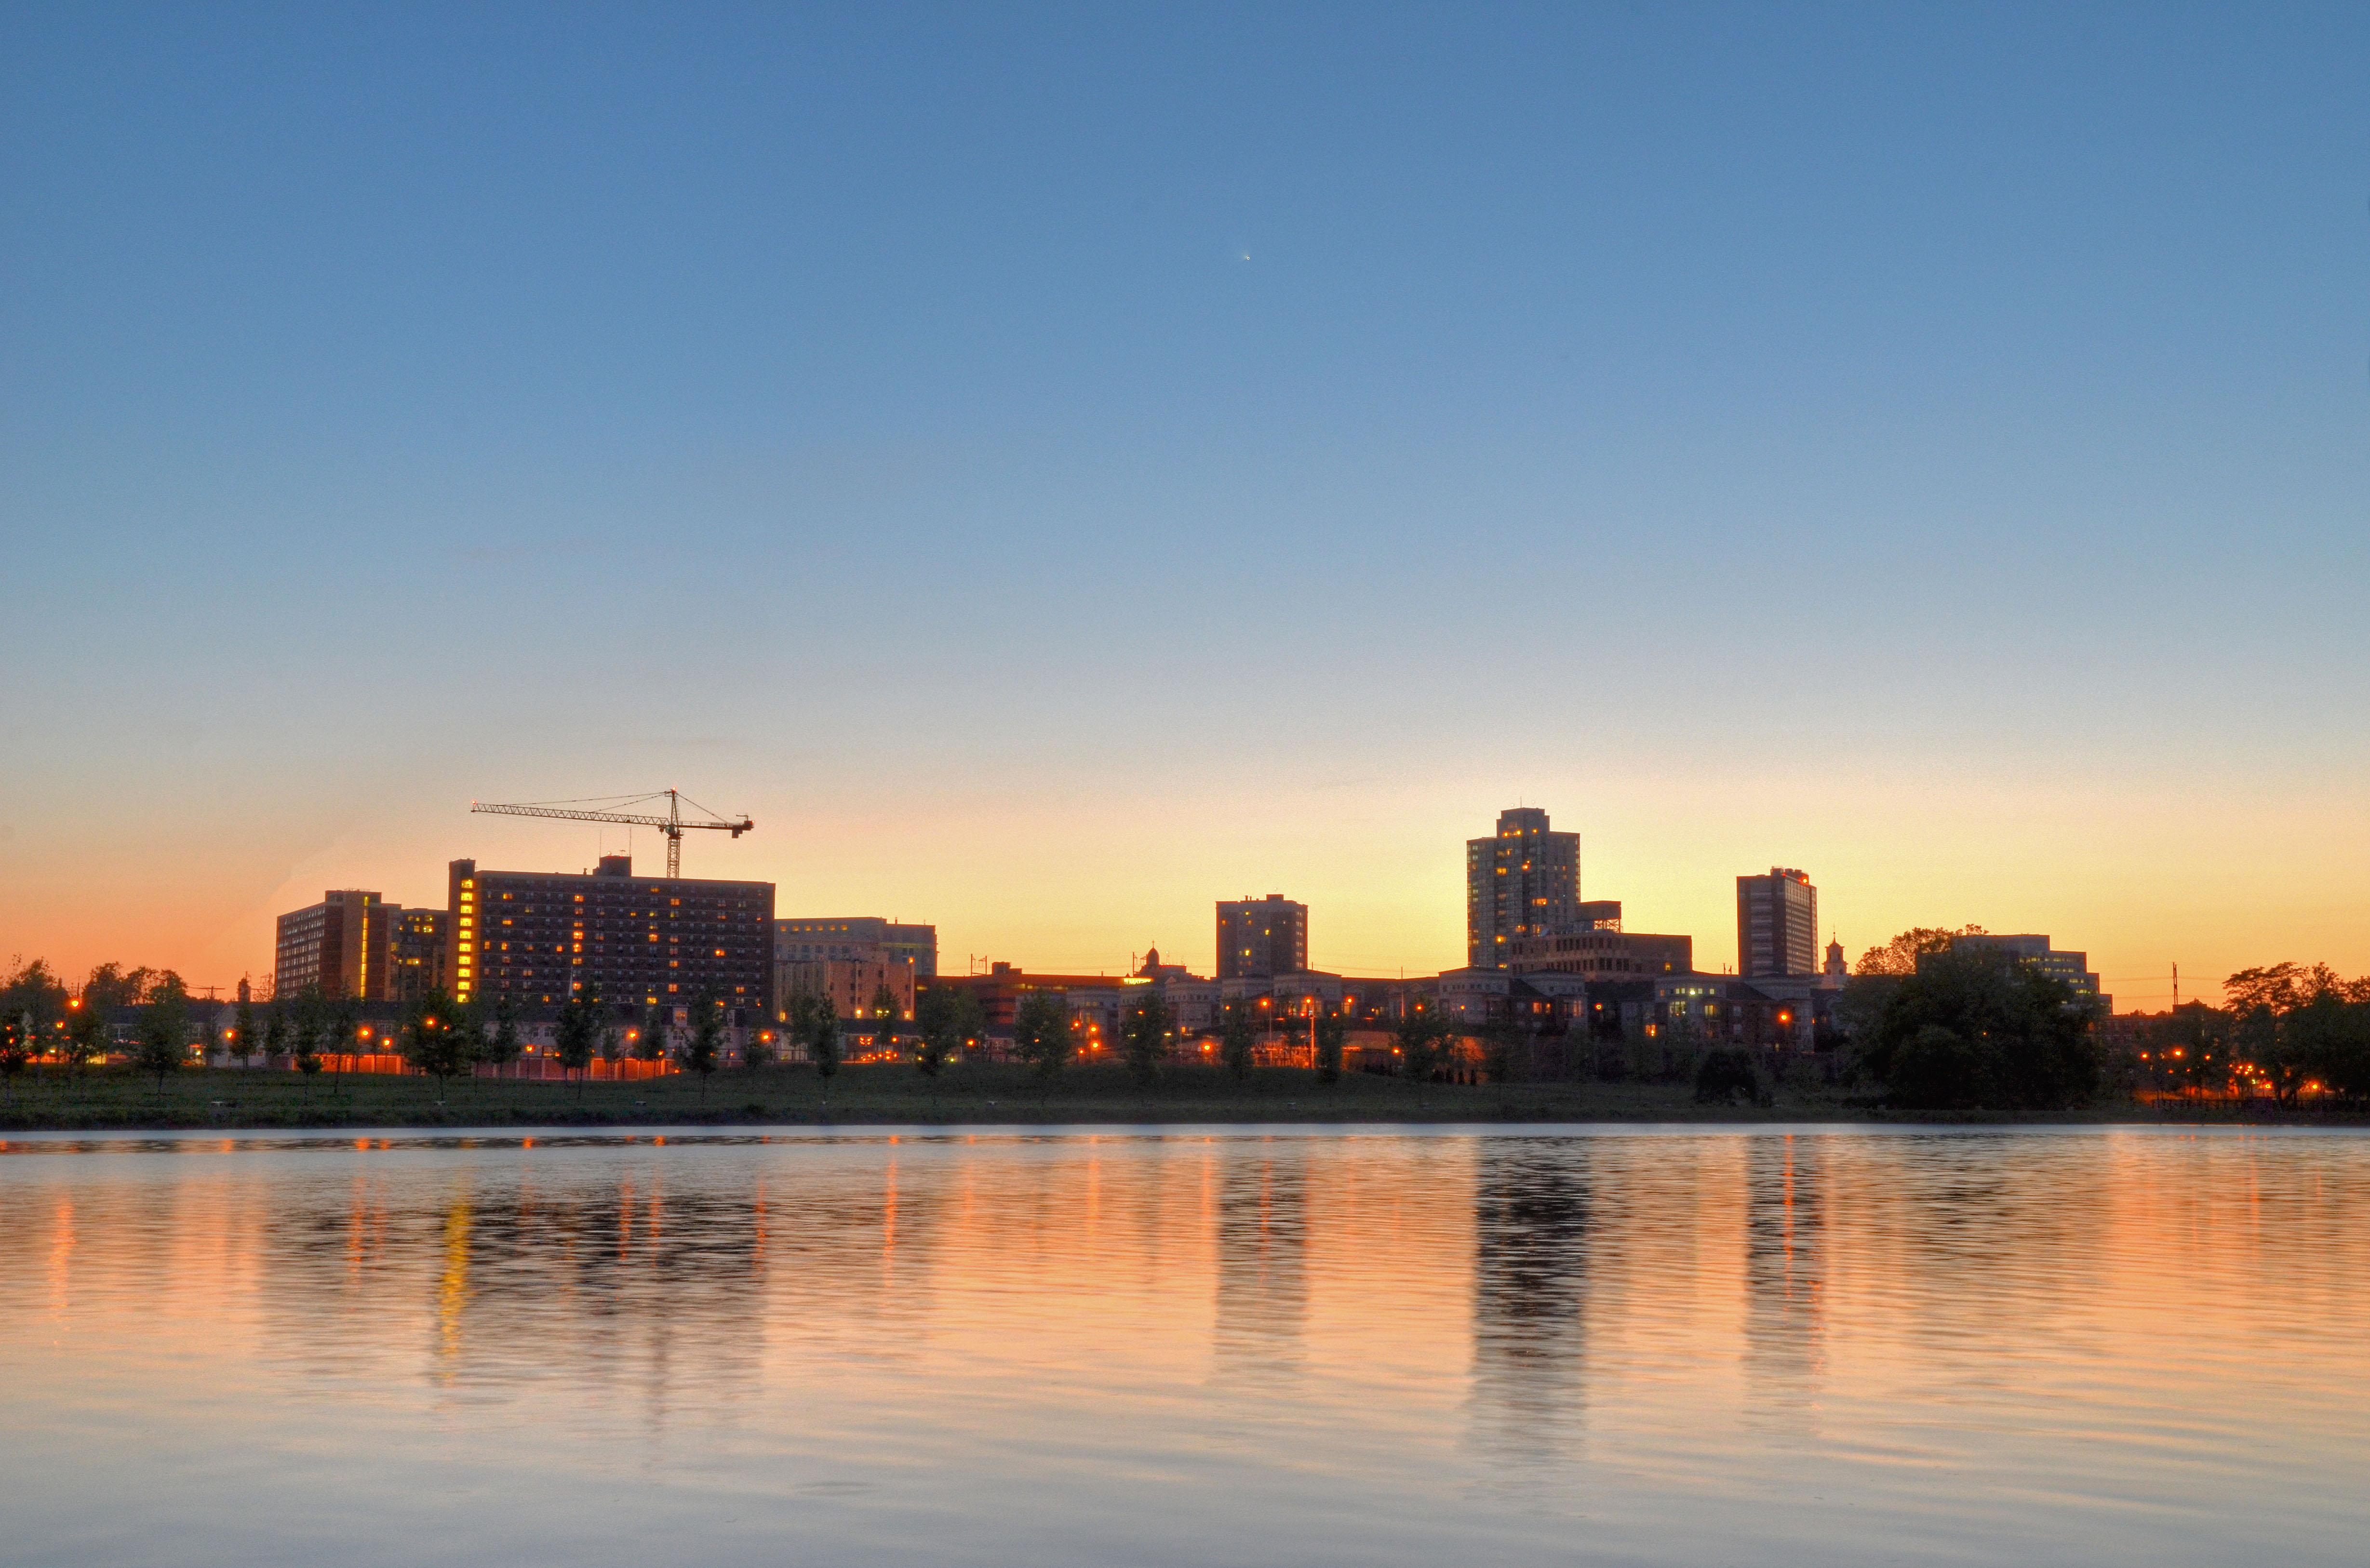 New Brunswick, New Jerseynew brunswick city